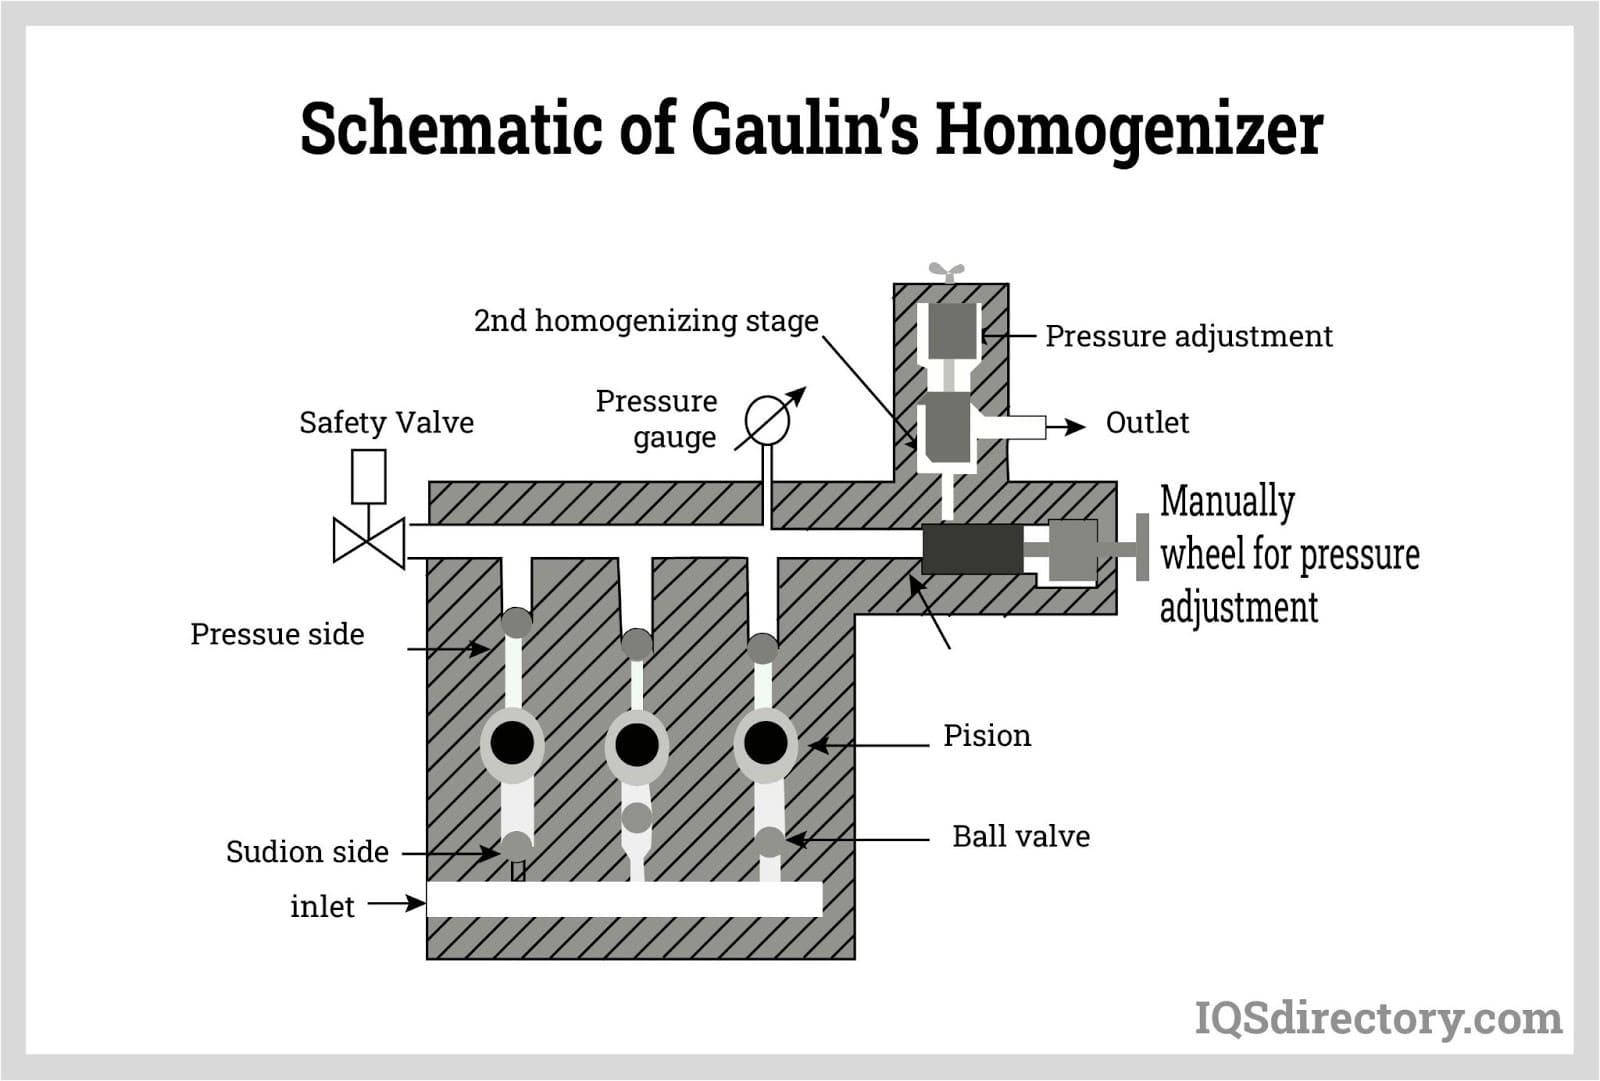 Schematic of Gaulin's Homogenizer